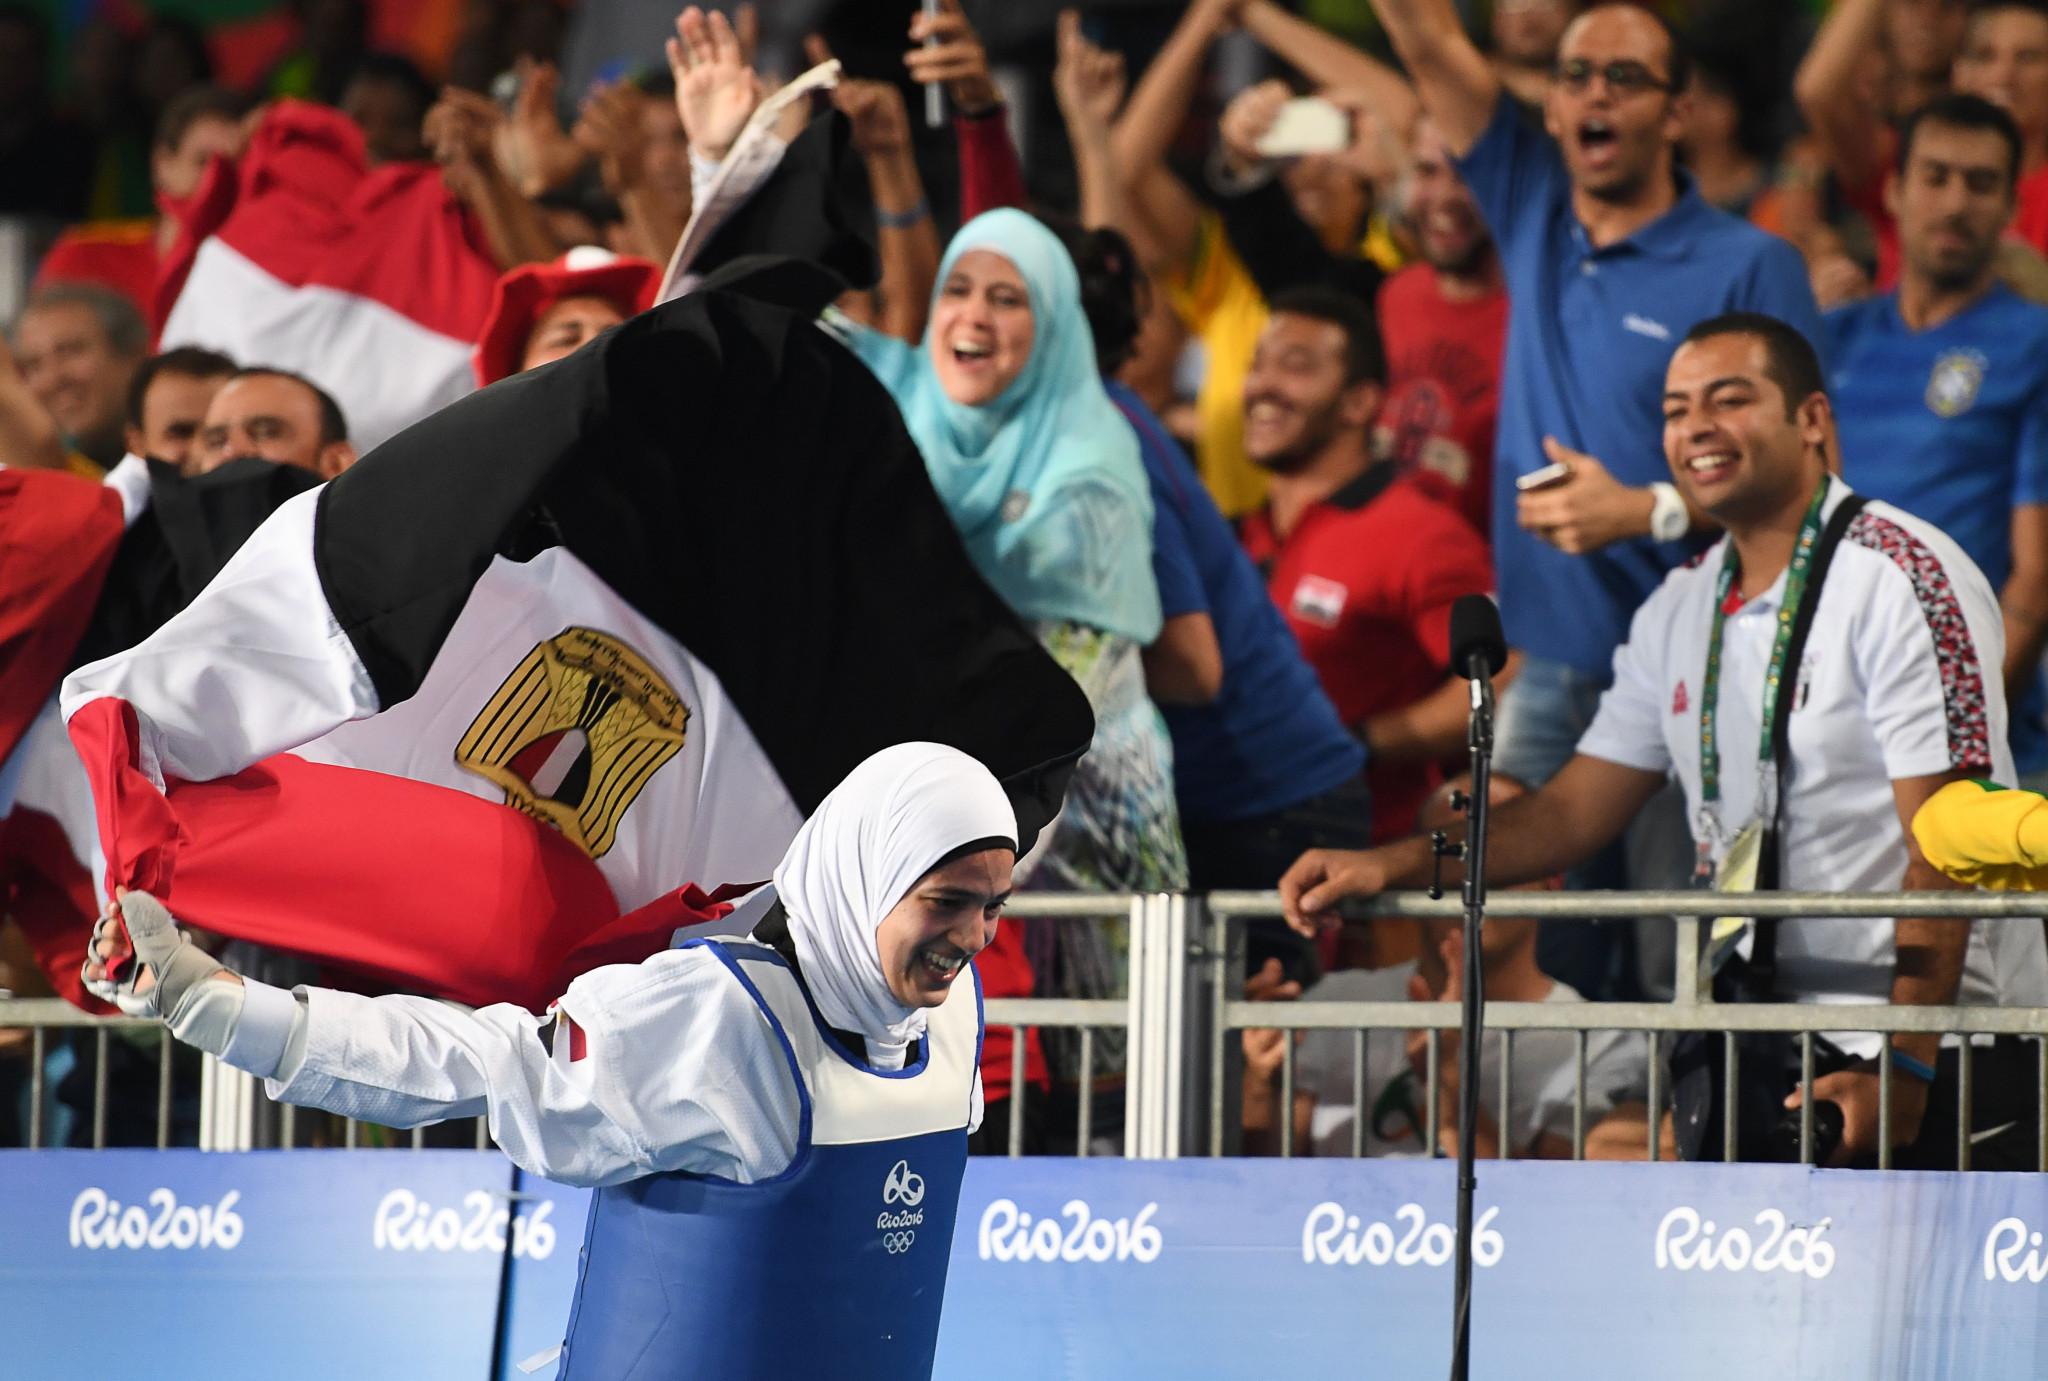 Hedaya Malak Wahba won a bronze medal at Rio 2016 ©Getty Images